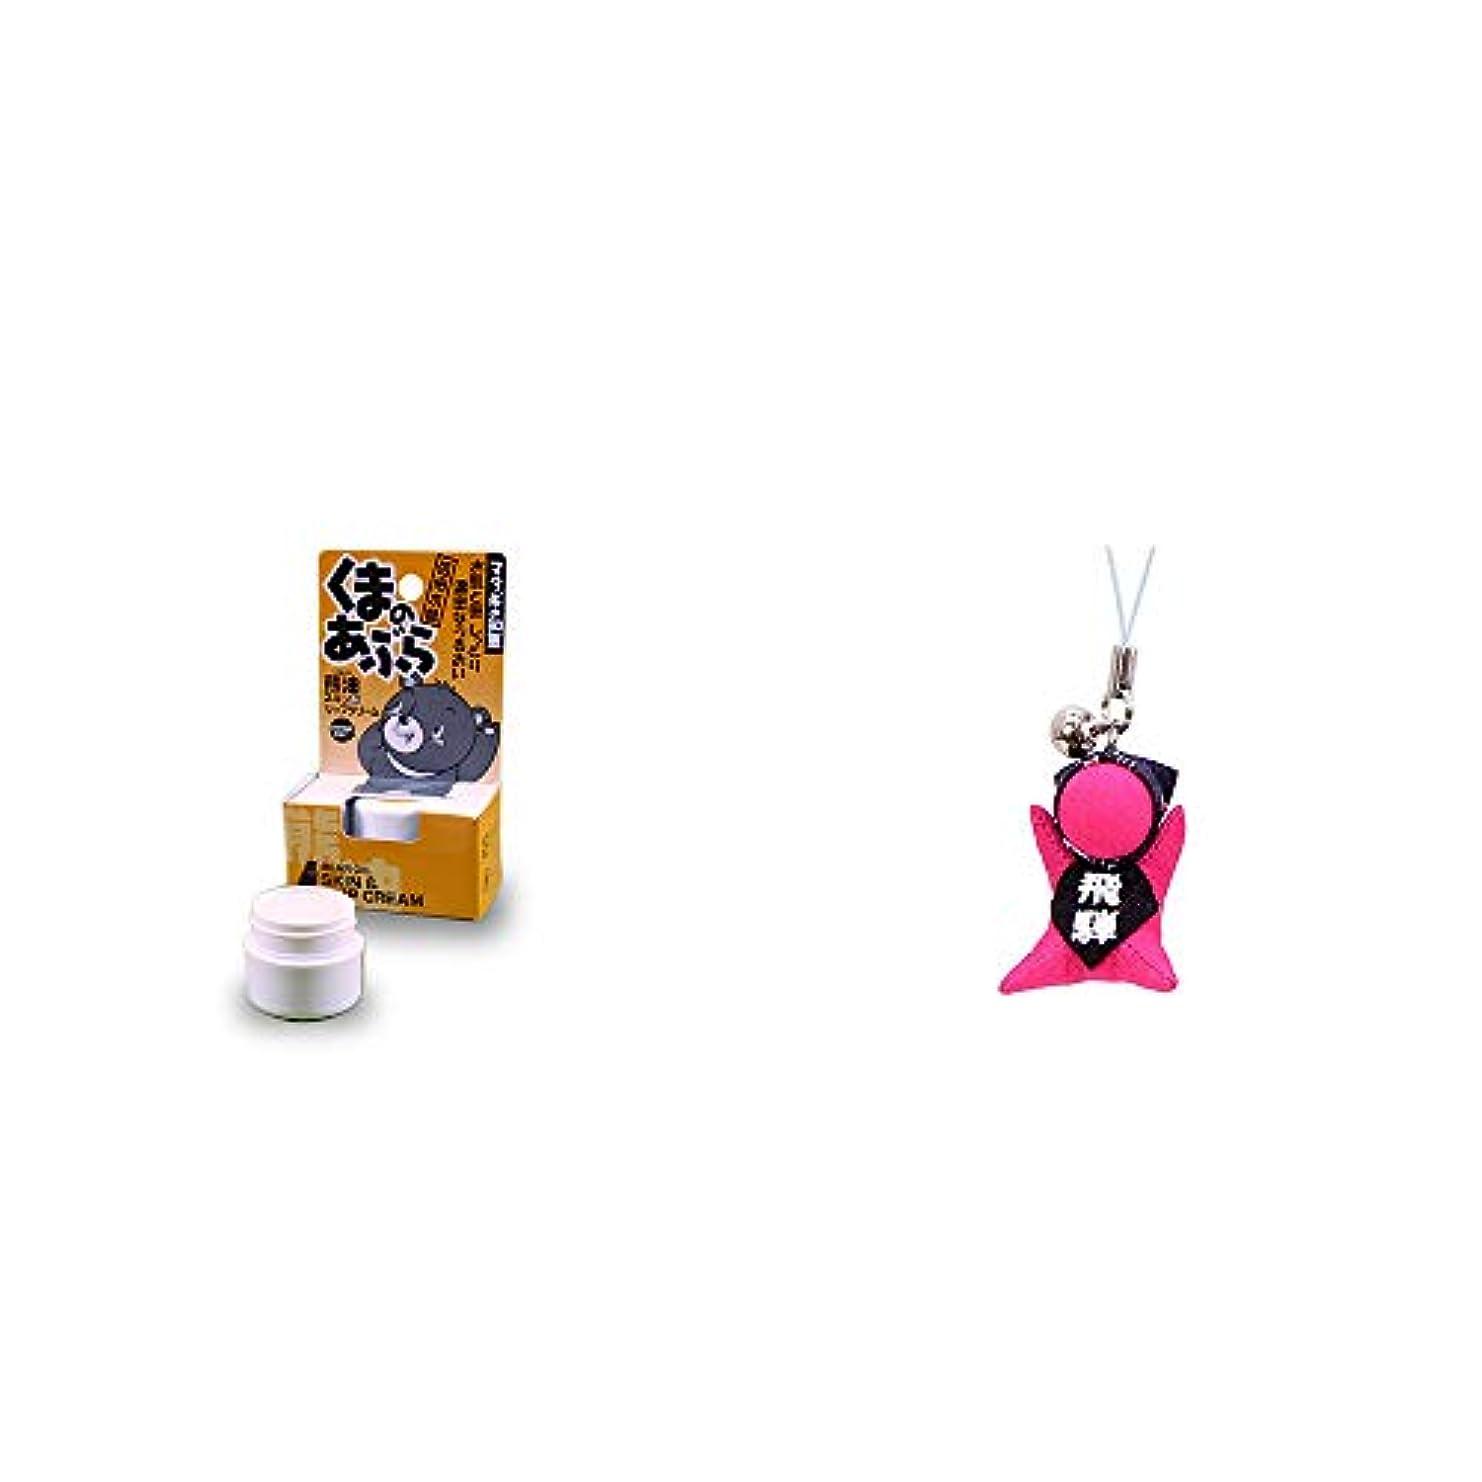 西放射能欺く[2点セット] 信州木曽 くまのあぶら 熊油スキン&リップクリーム(9g)?さるぼぼ幸福ストラップ 【ピンク】 / 風水カラー全9種類 縁結び?恋愛(出会い) お守り//